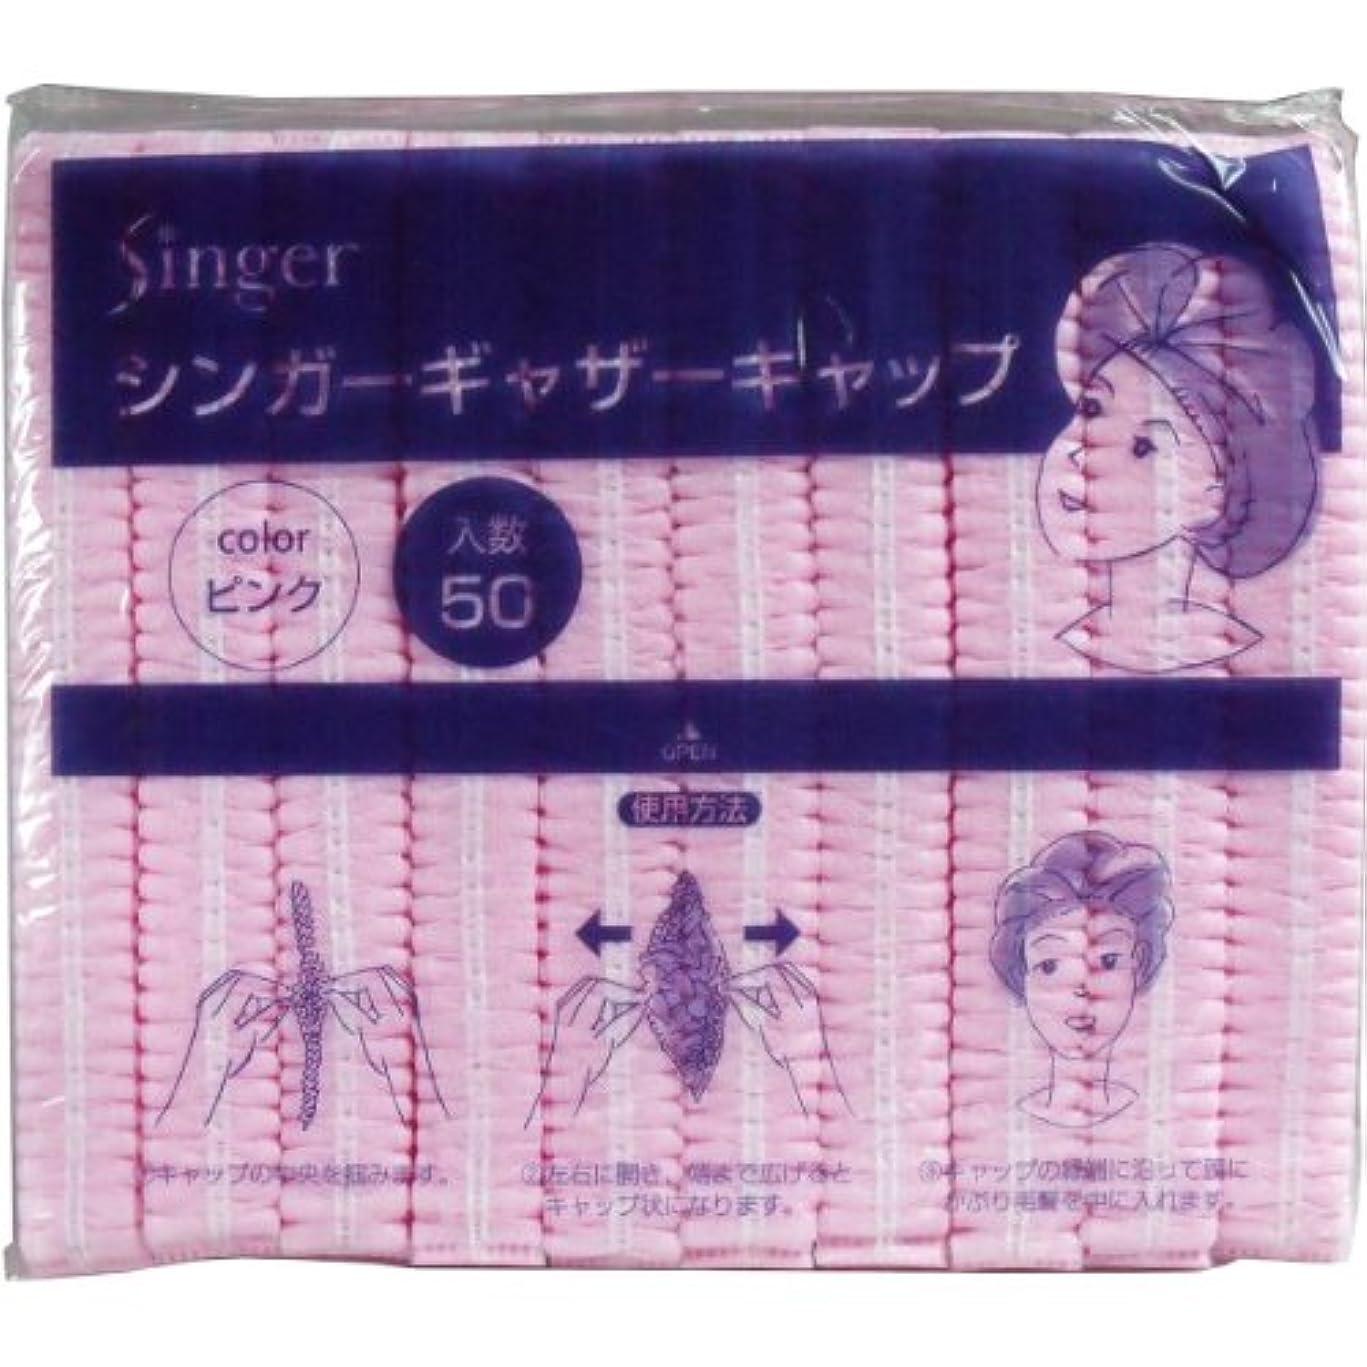 疑い組み合わせる最小宇都宮製作 不織布製衛生キャップ シンガーギャザーキャップ 50枚入 ピンク